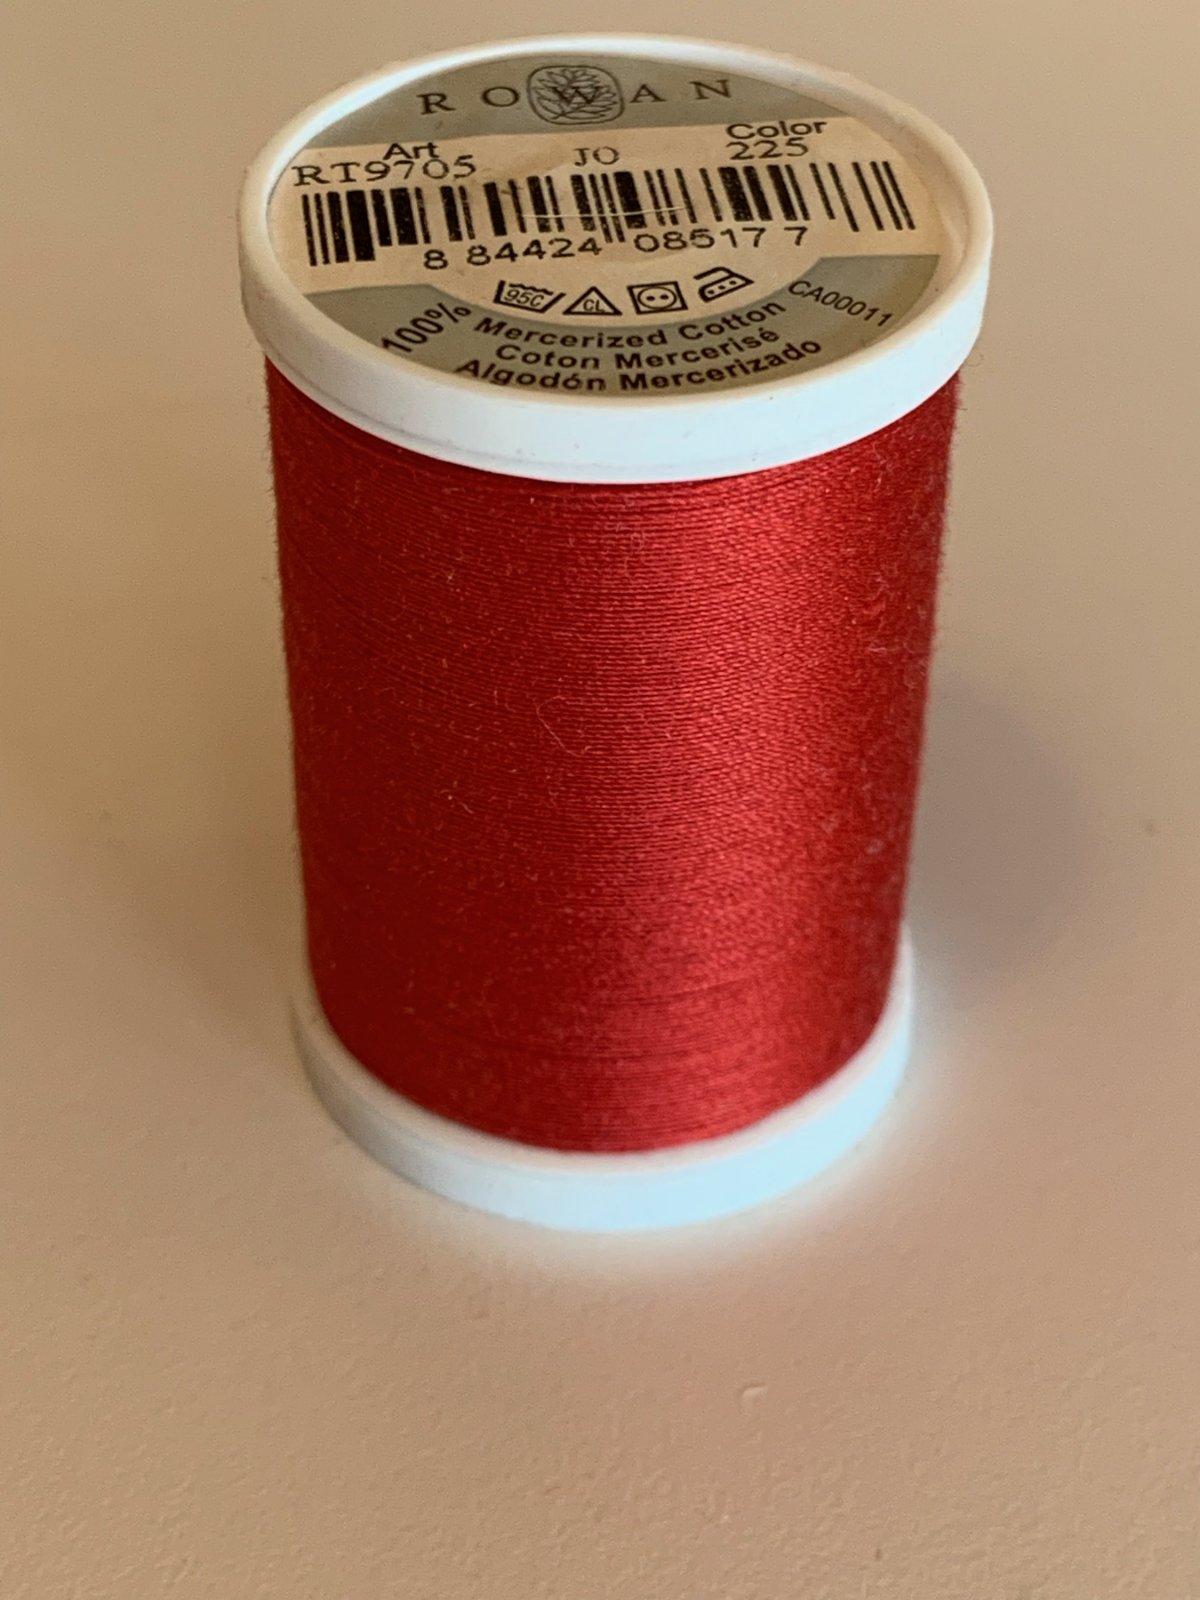 Rowan Thread Red 225